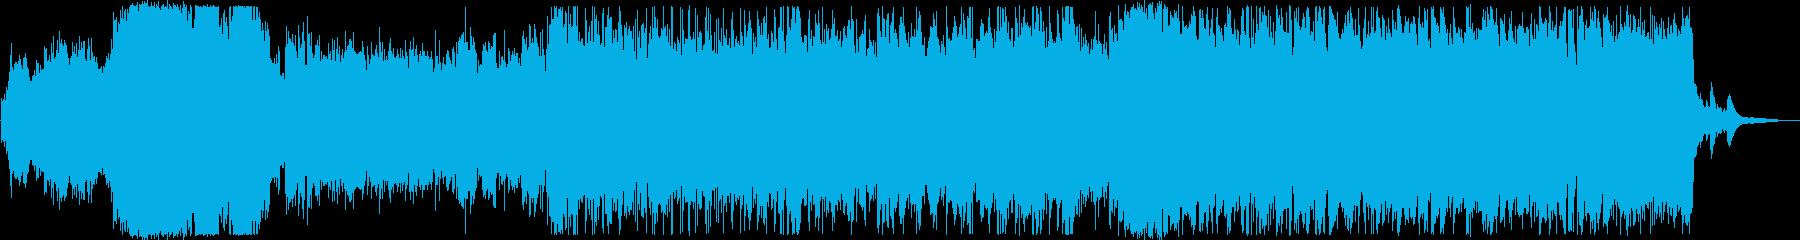 アニソン風カッコいいポップスのインストの再生済みの波形